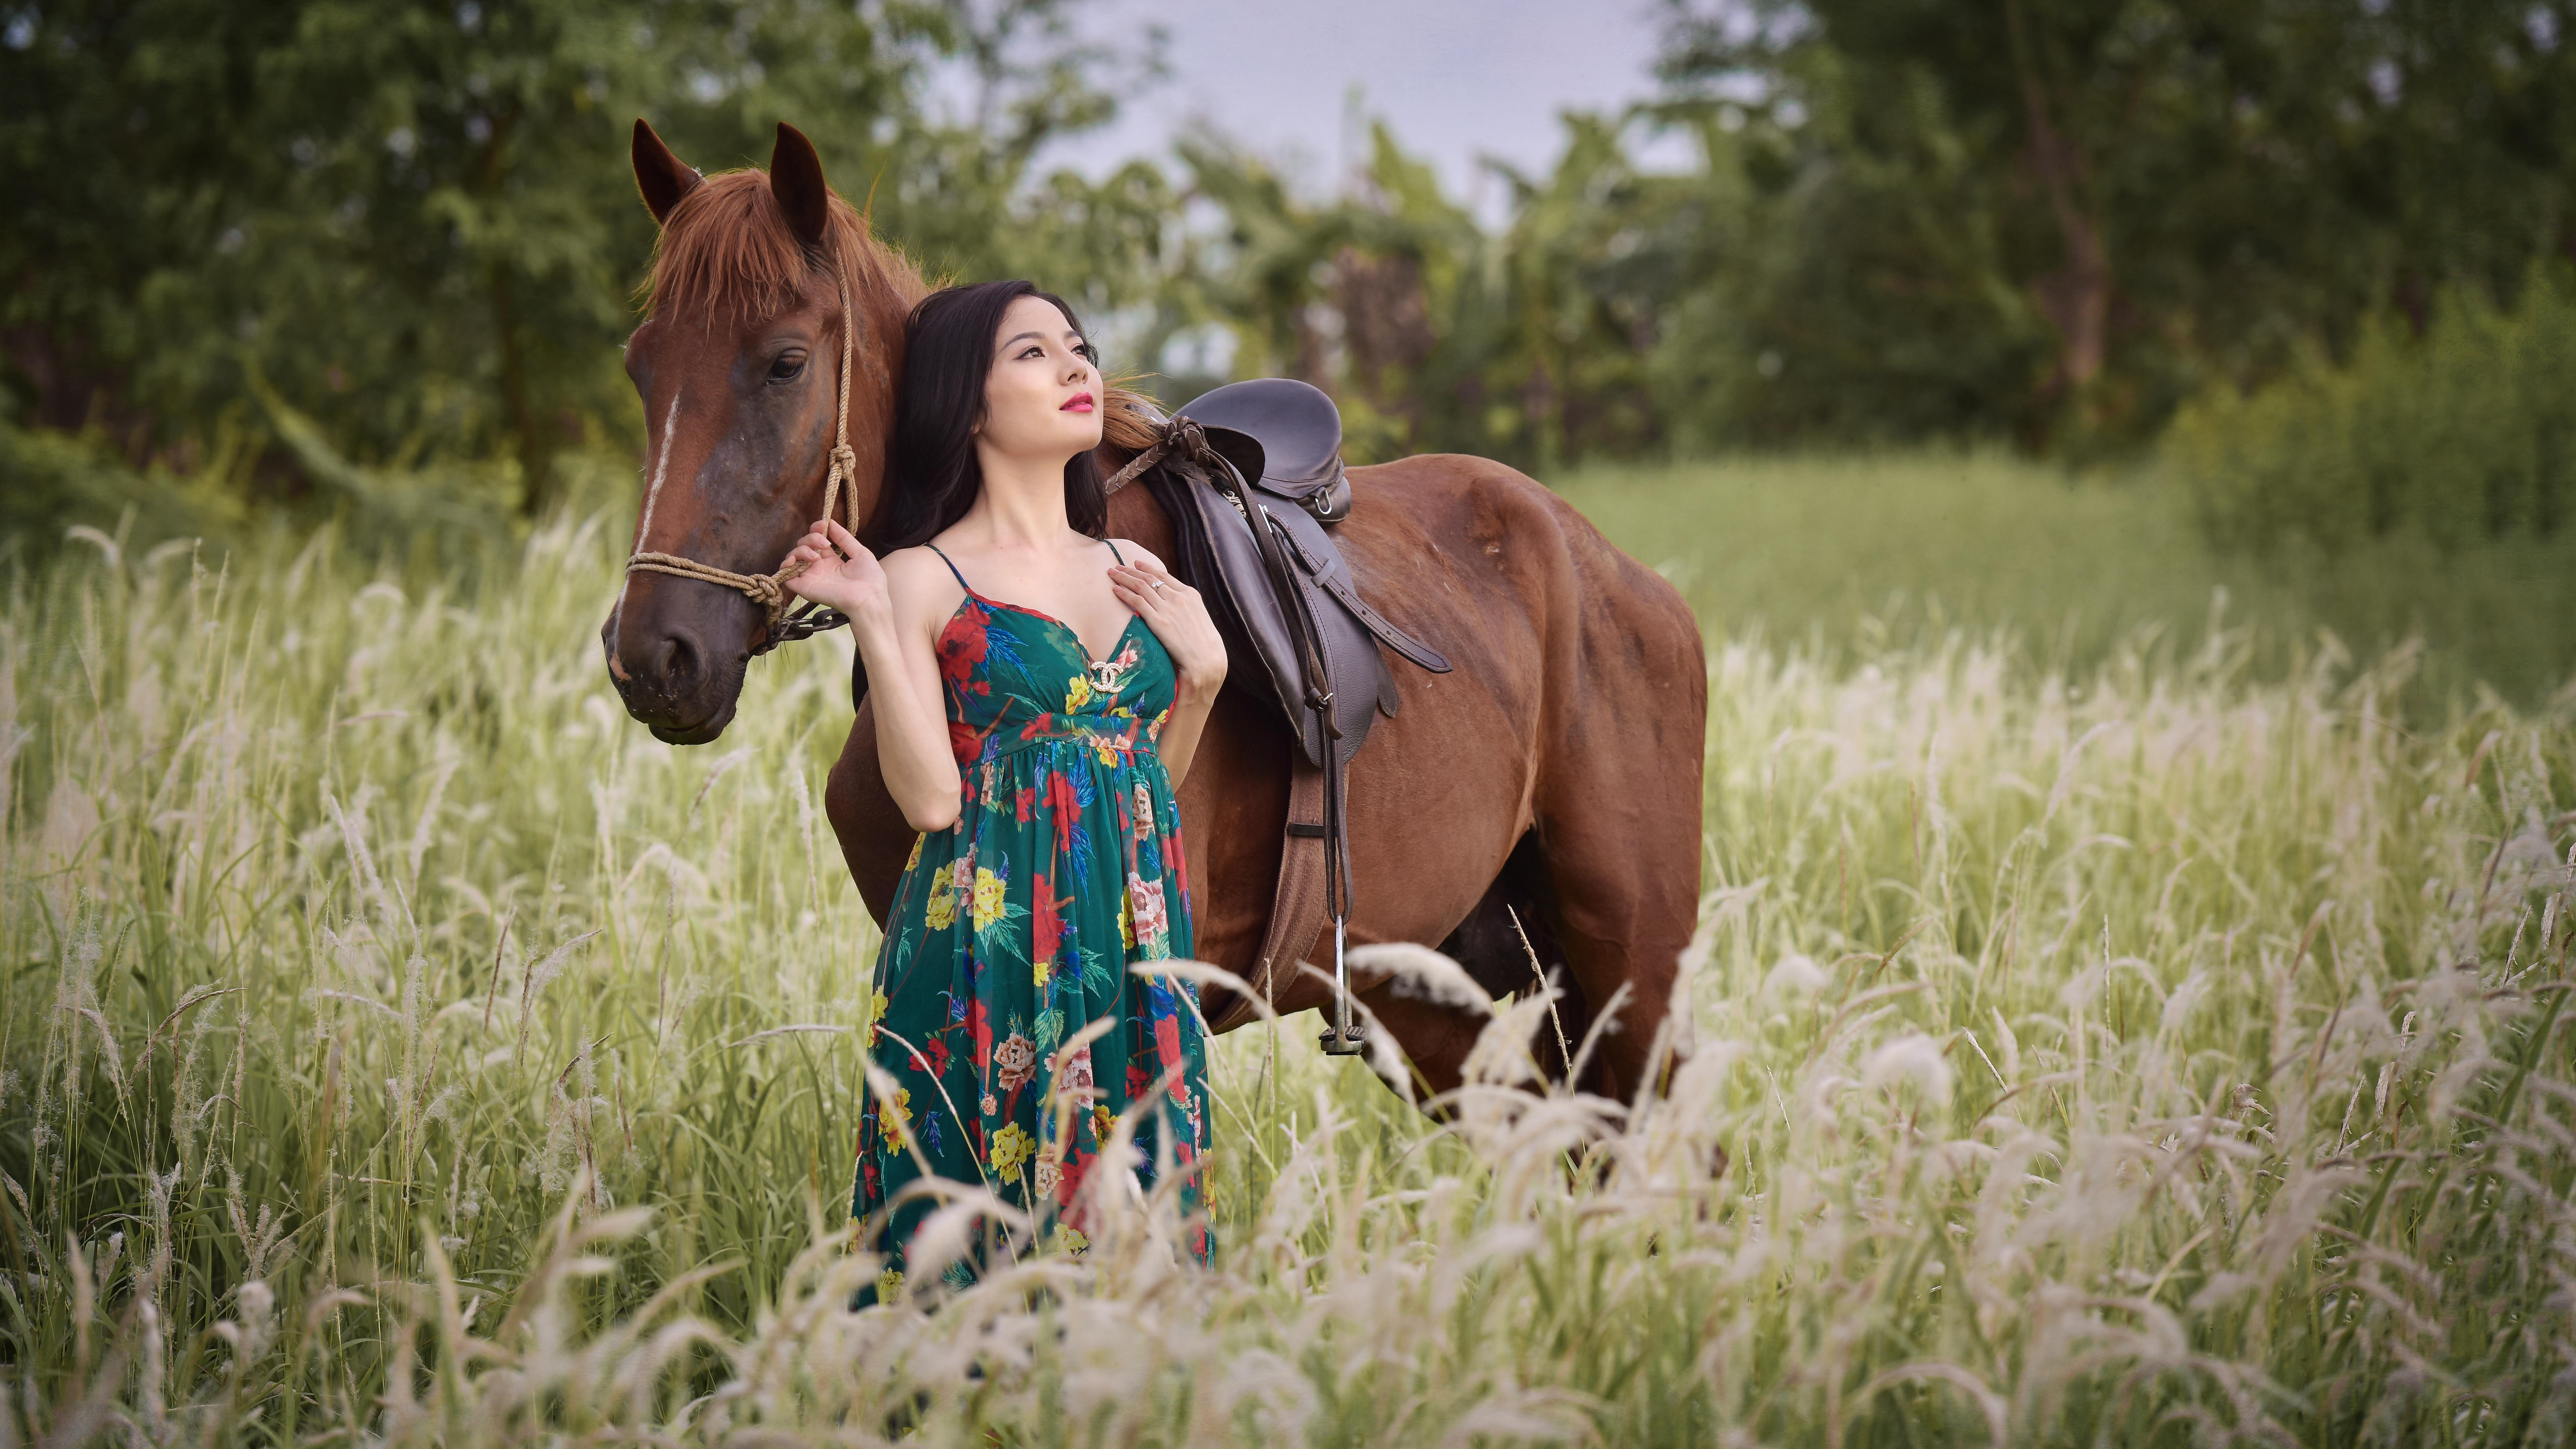 девушка лошади  № 1819056 бесплатно